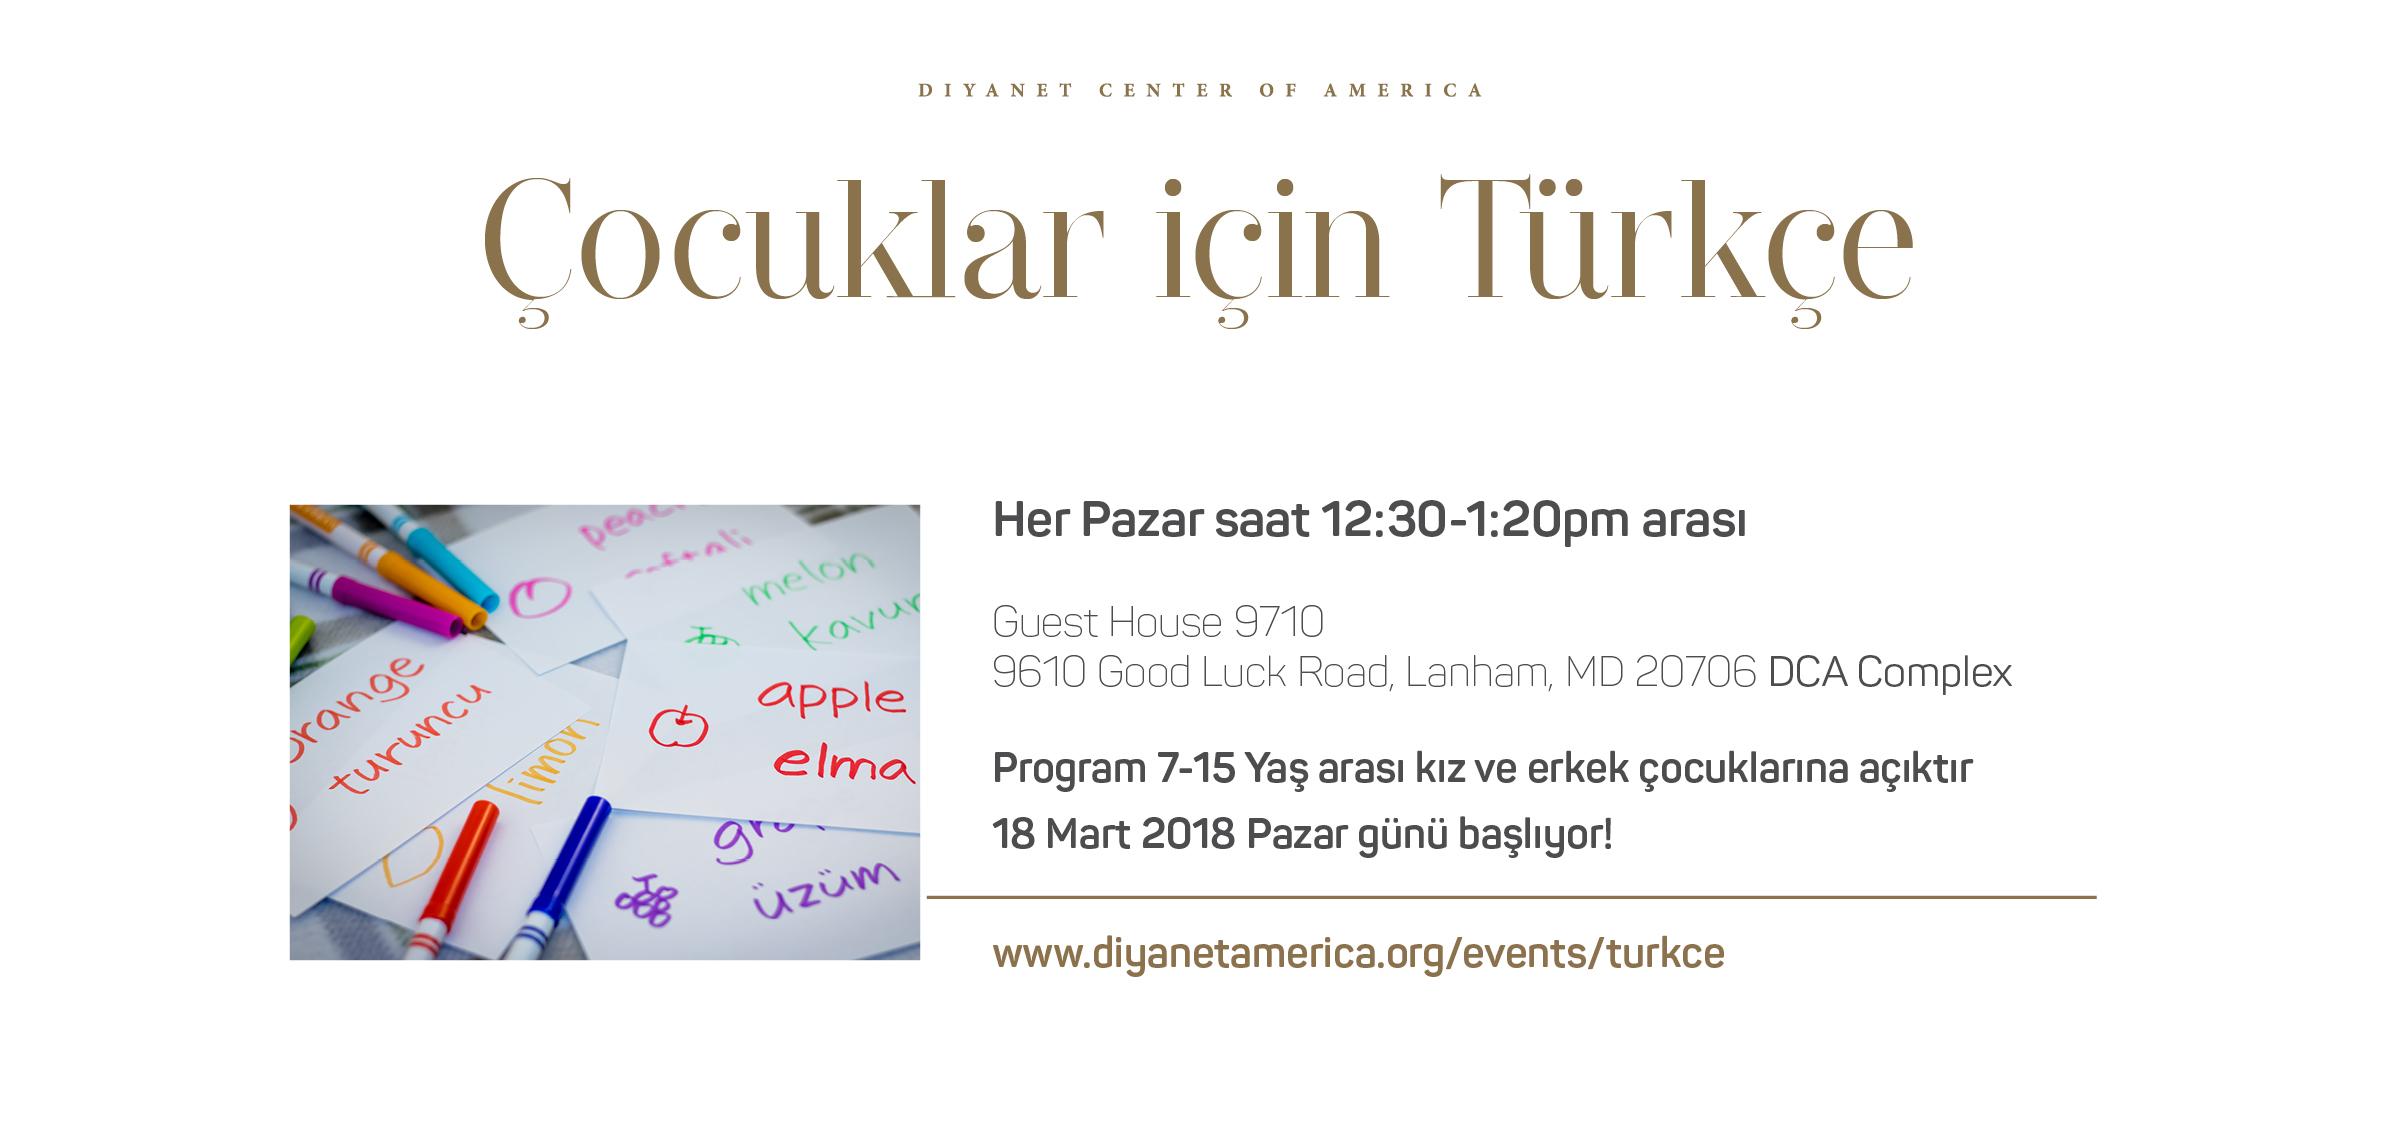 Çocuklar için Türkçe